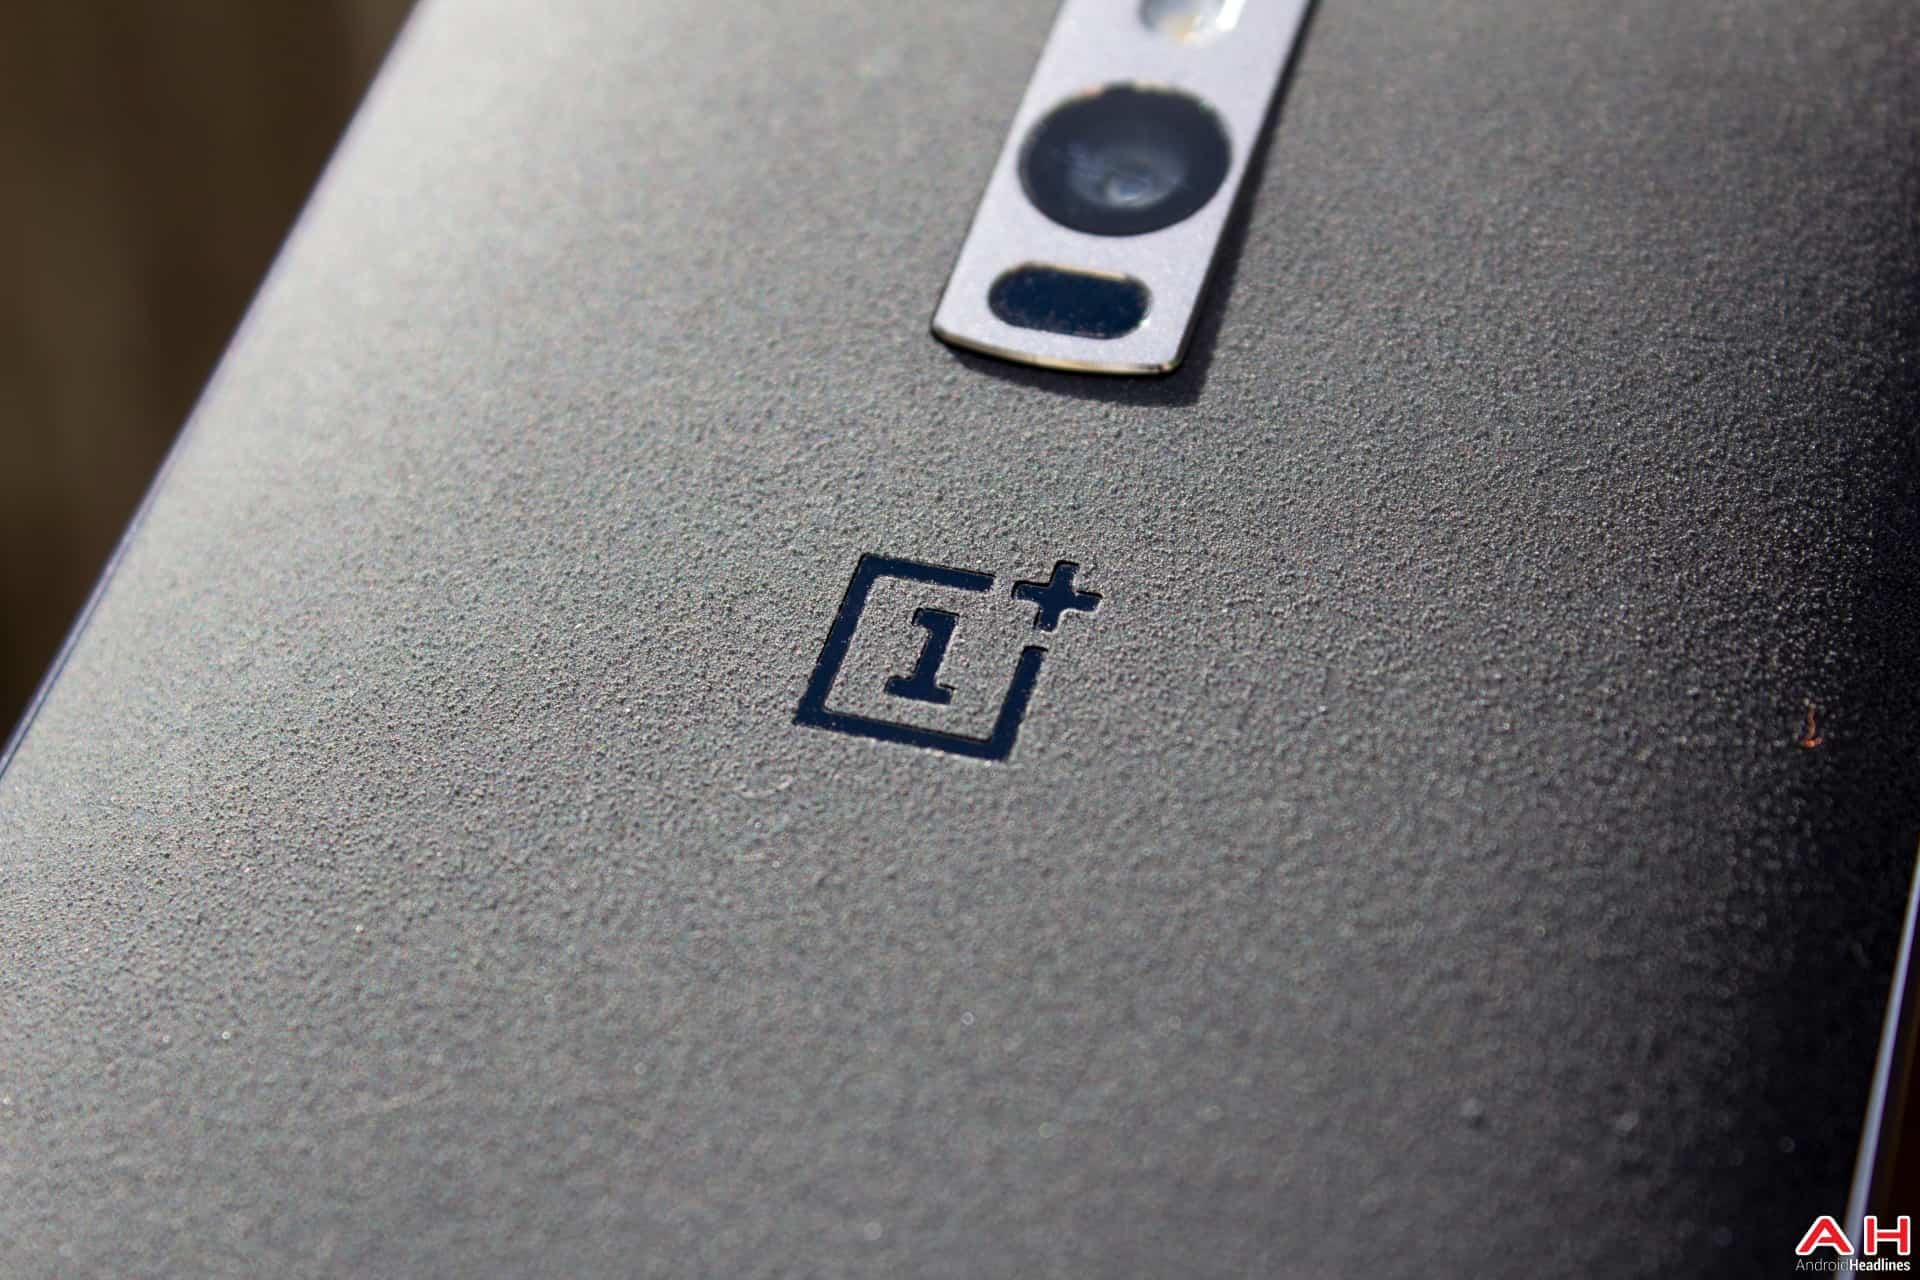 OnePlus-2-AH-logo-5